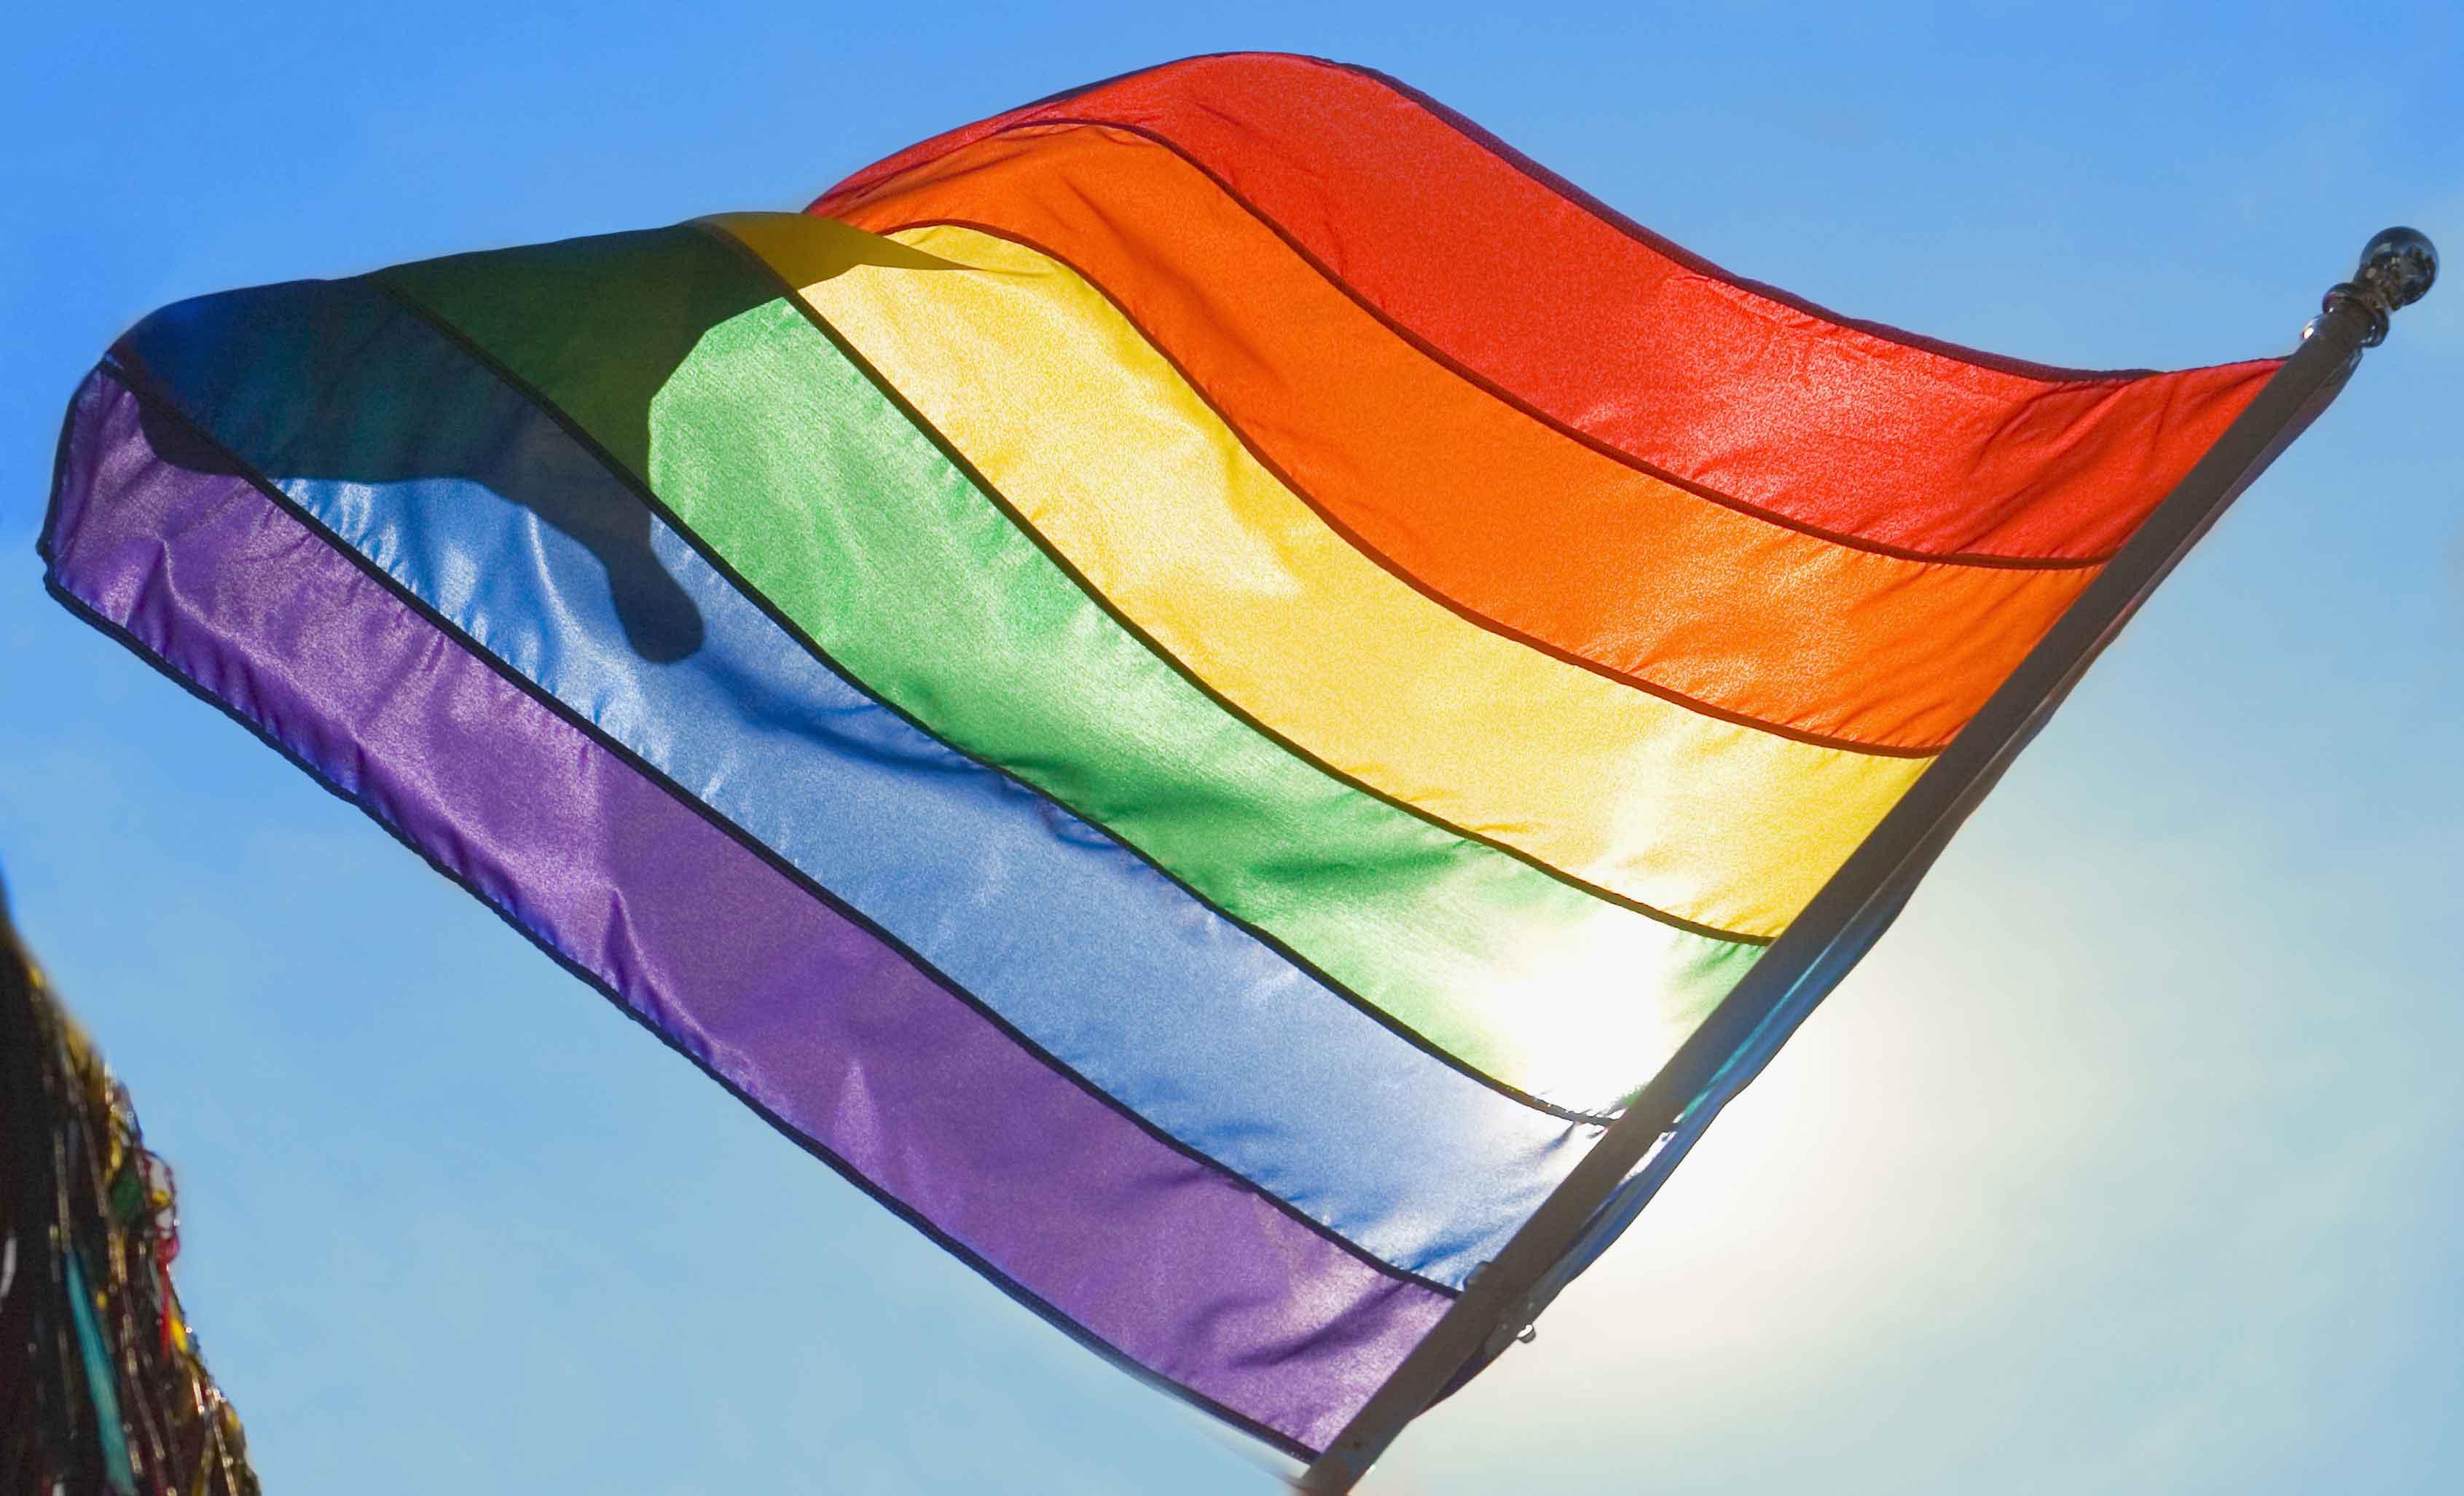 דגל הגאווה צילום א.ס.א.פ קריאייטיב/INGIMAGE